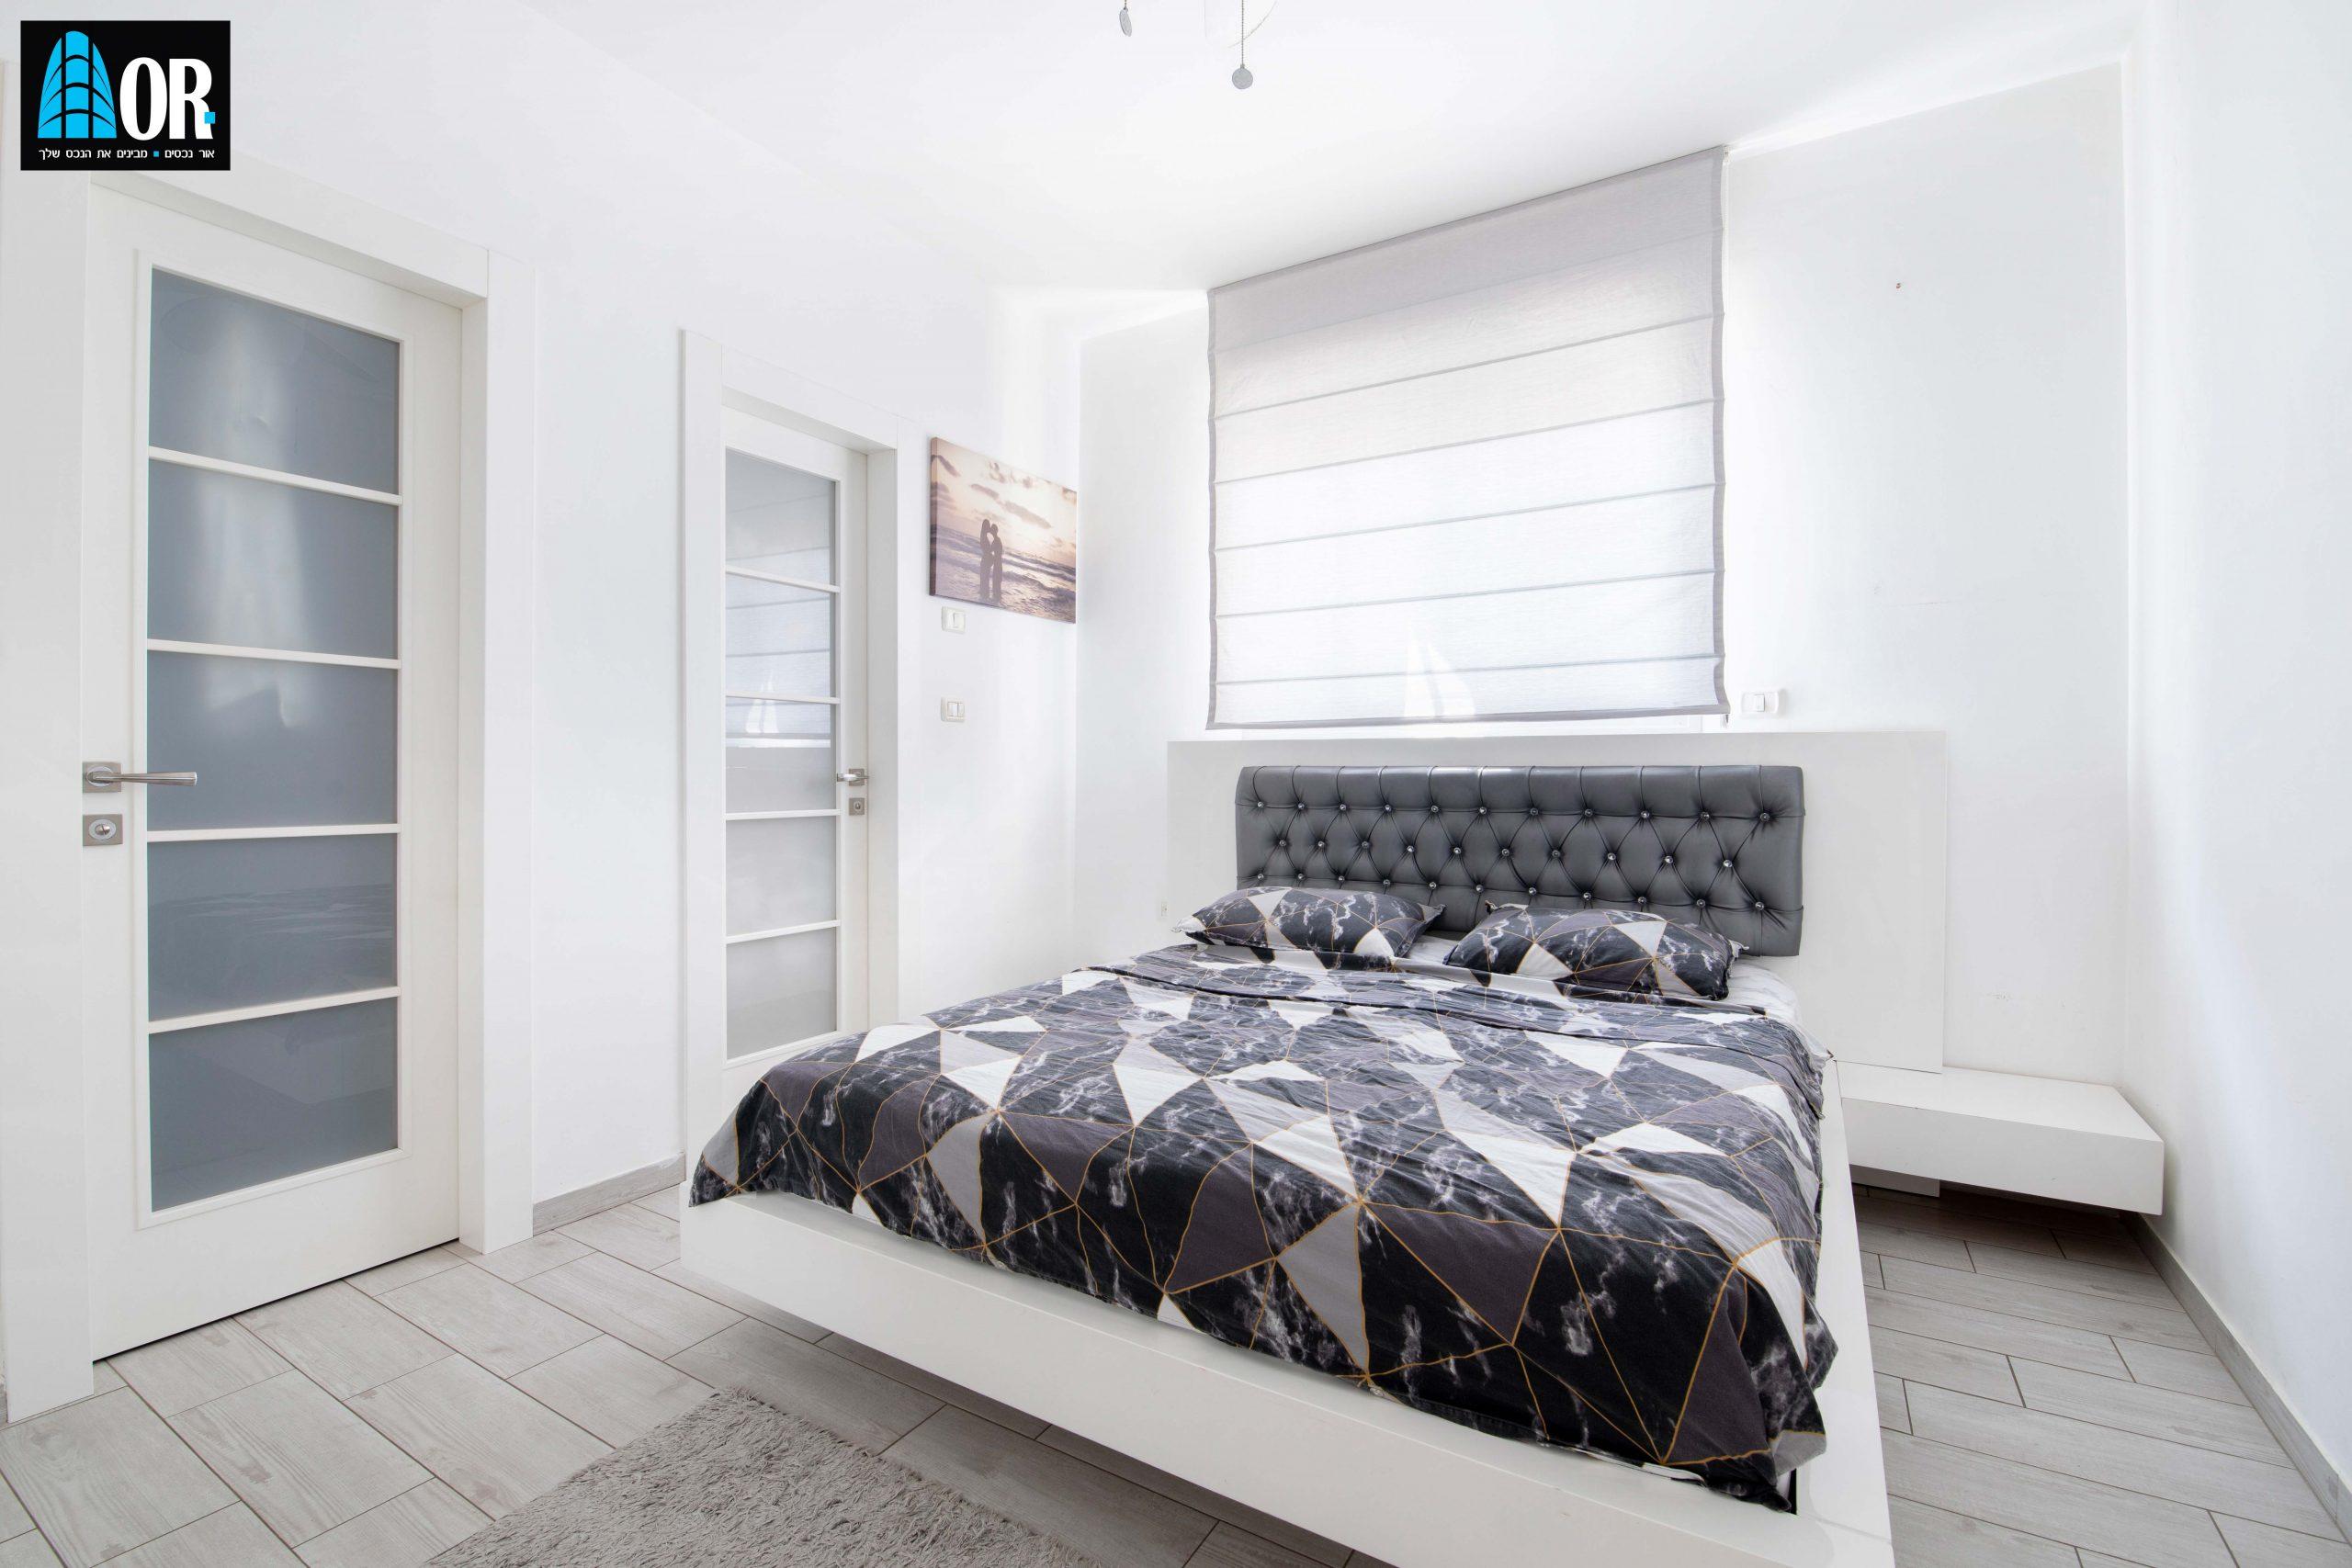 חדר הורים דירה 5 חדרים שכונה פארק המושבה